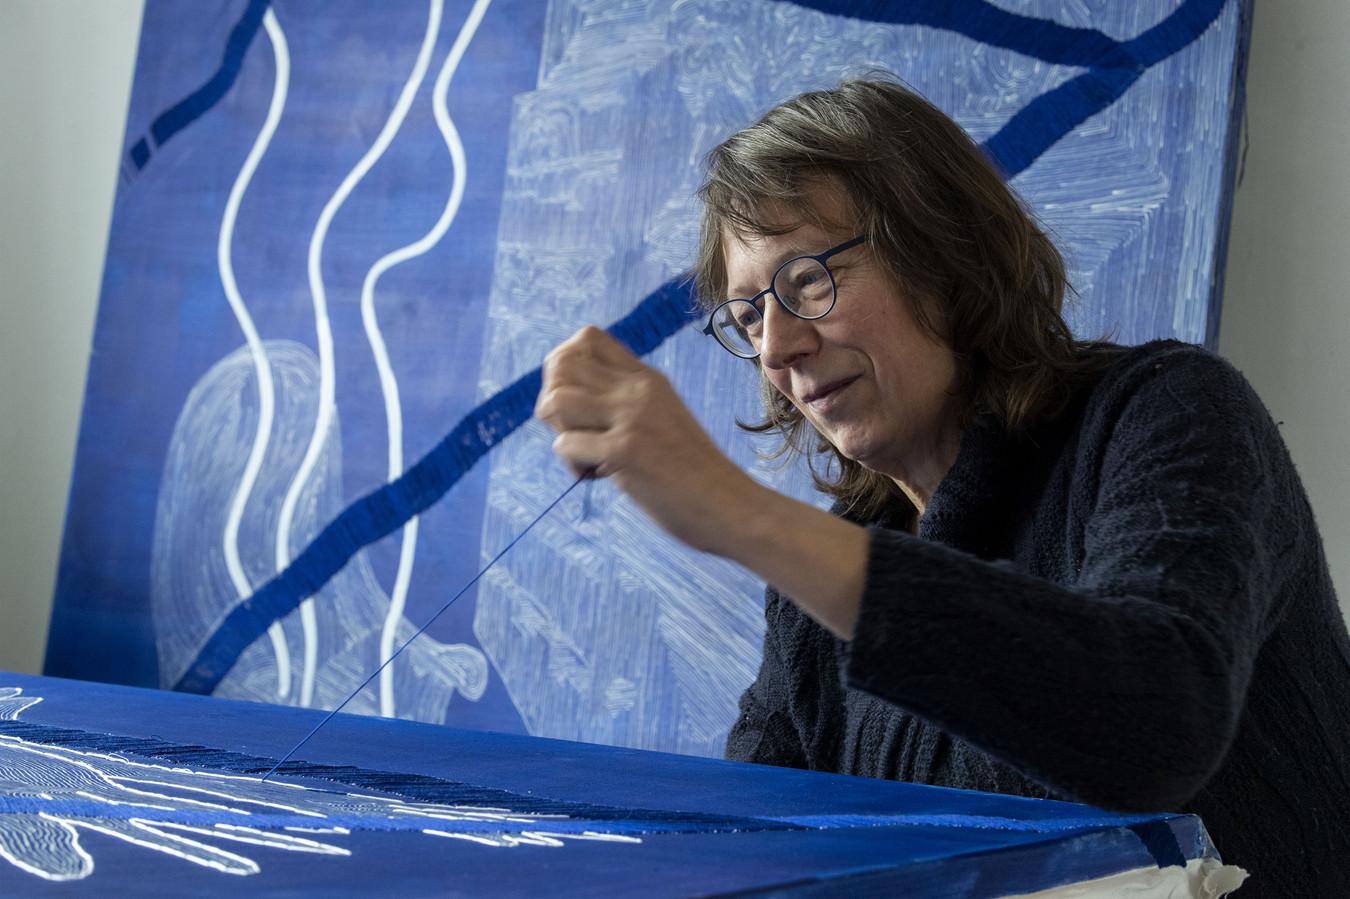 """Jannemiek Tukker:  """"Kunst was een breekijzer. Veel van wat ik in mijn jeugd heb doorgemaakt, heb ik op het doek kunnen verwerken."""""""